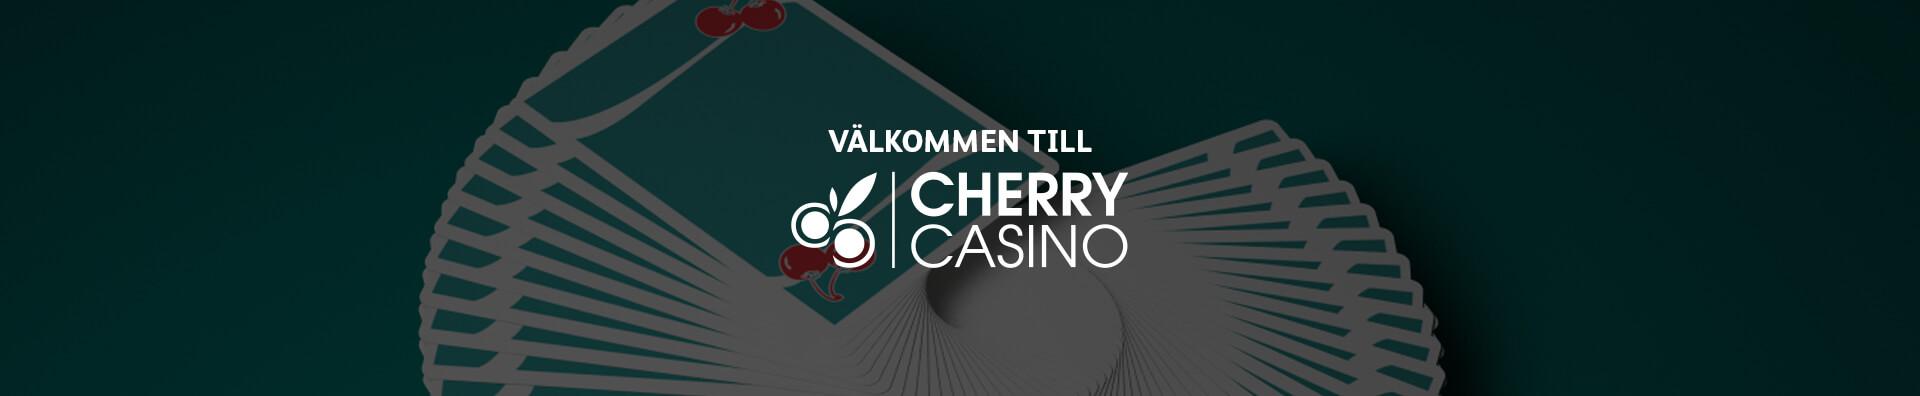 Cherry casino - 73387